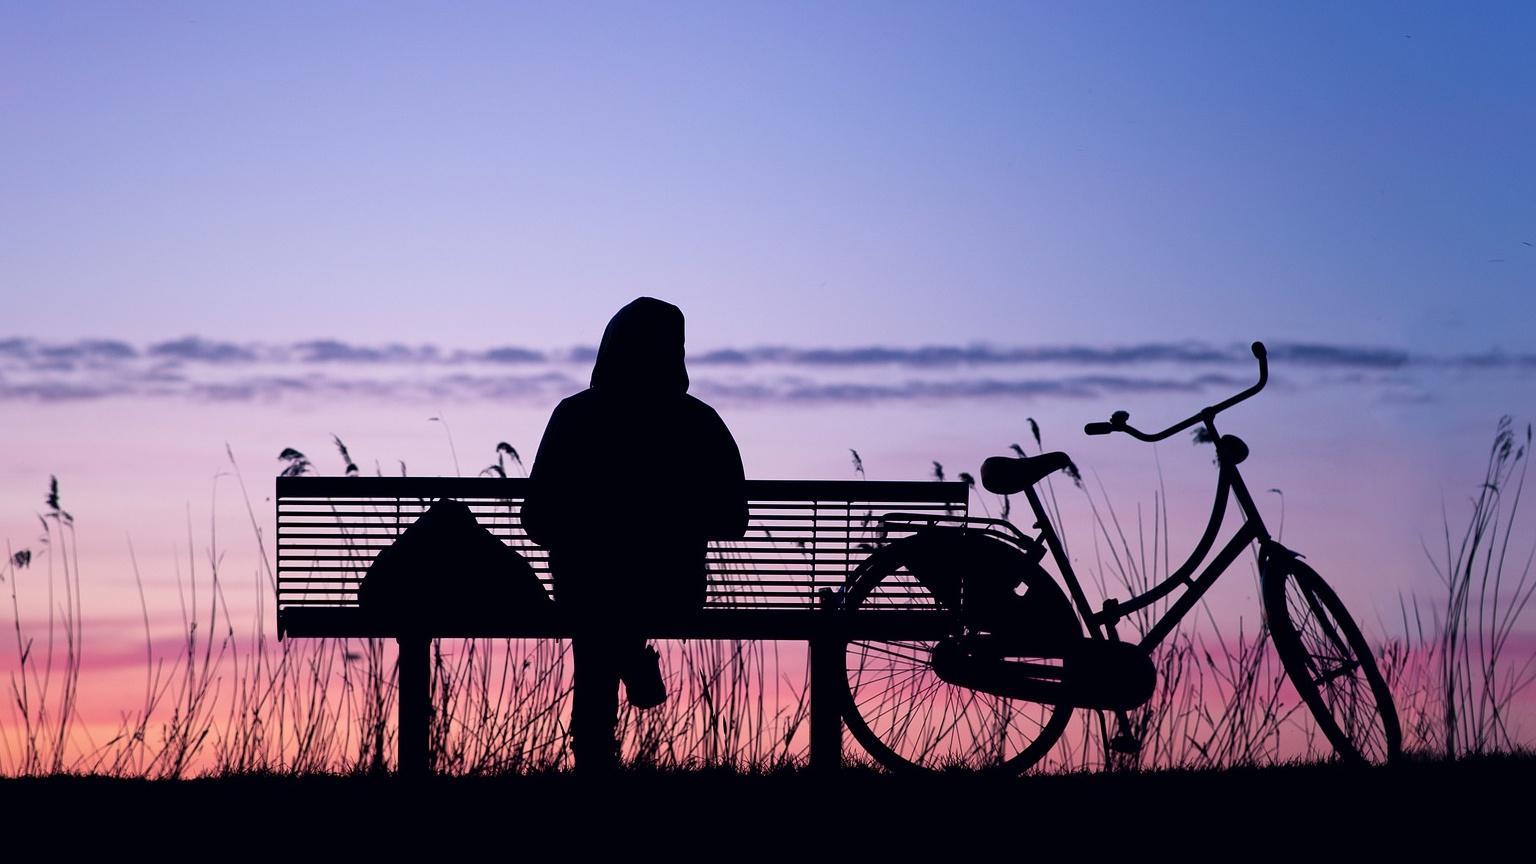 Das Radwandern gilt als eine bestimmte Form des Fahrradfahrens, bei der der bewusste Umgang mit der Natur im Vordergrund steht.